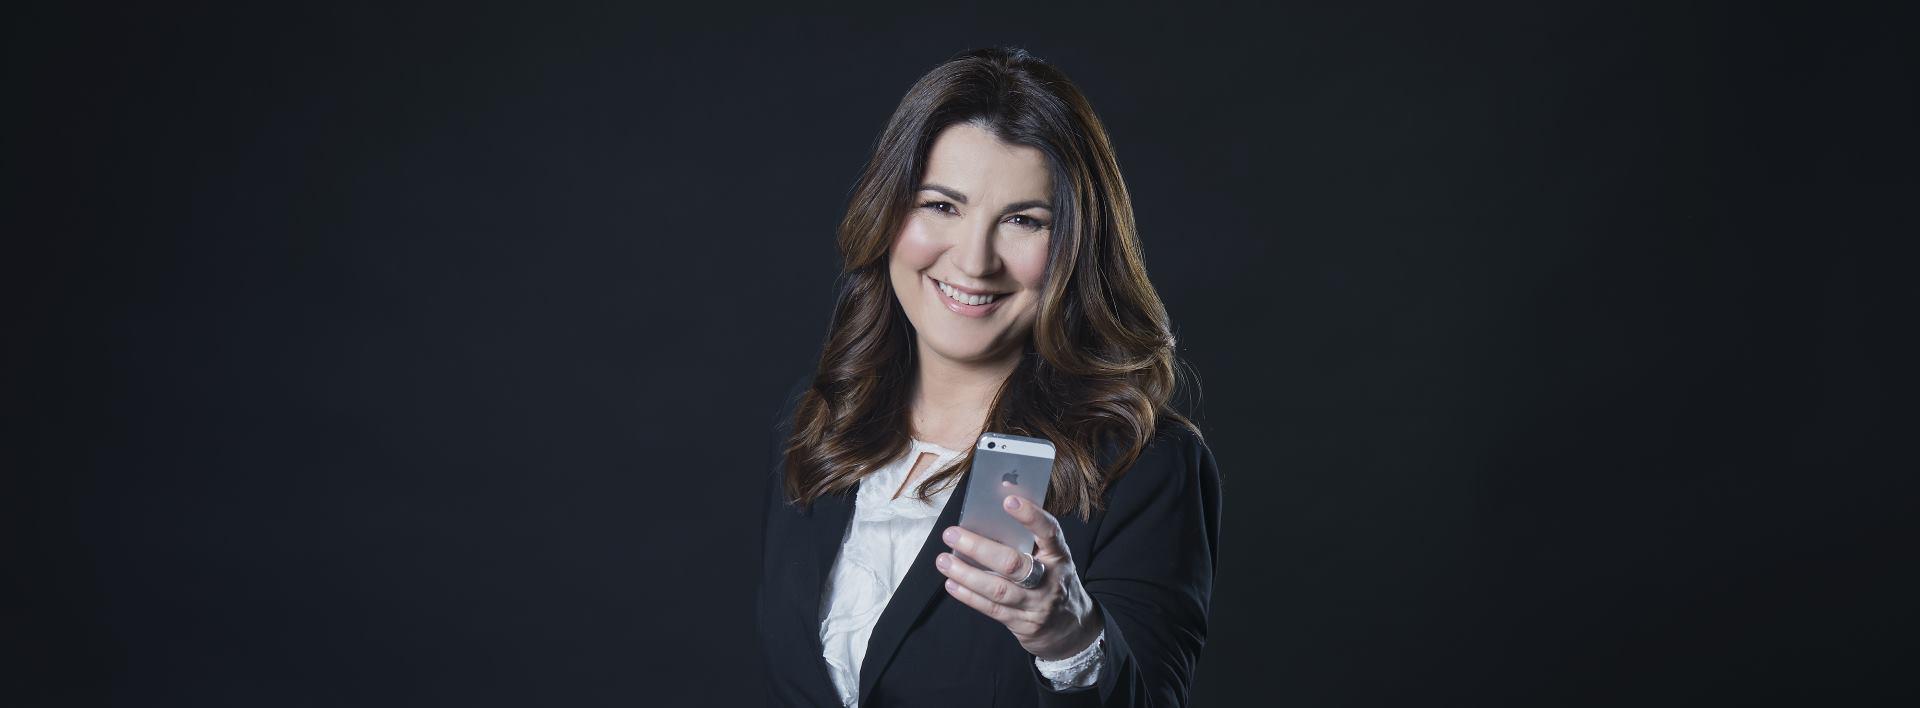 Sonja Miočić nova je direktorica komunikacija u Tele2 Hrvatska